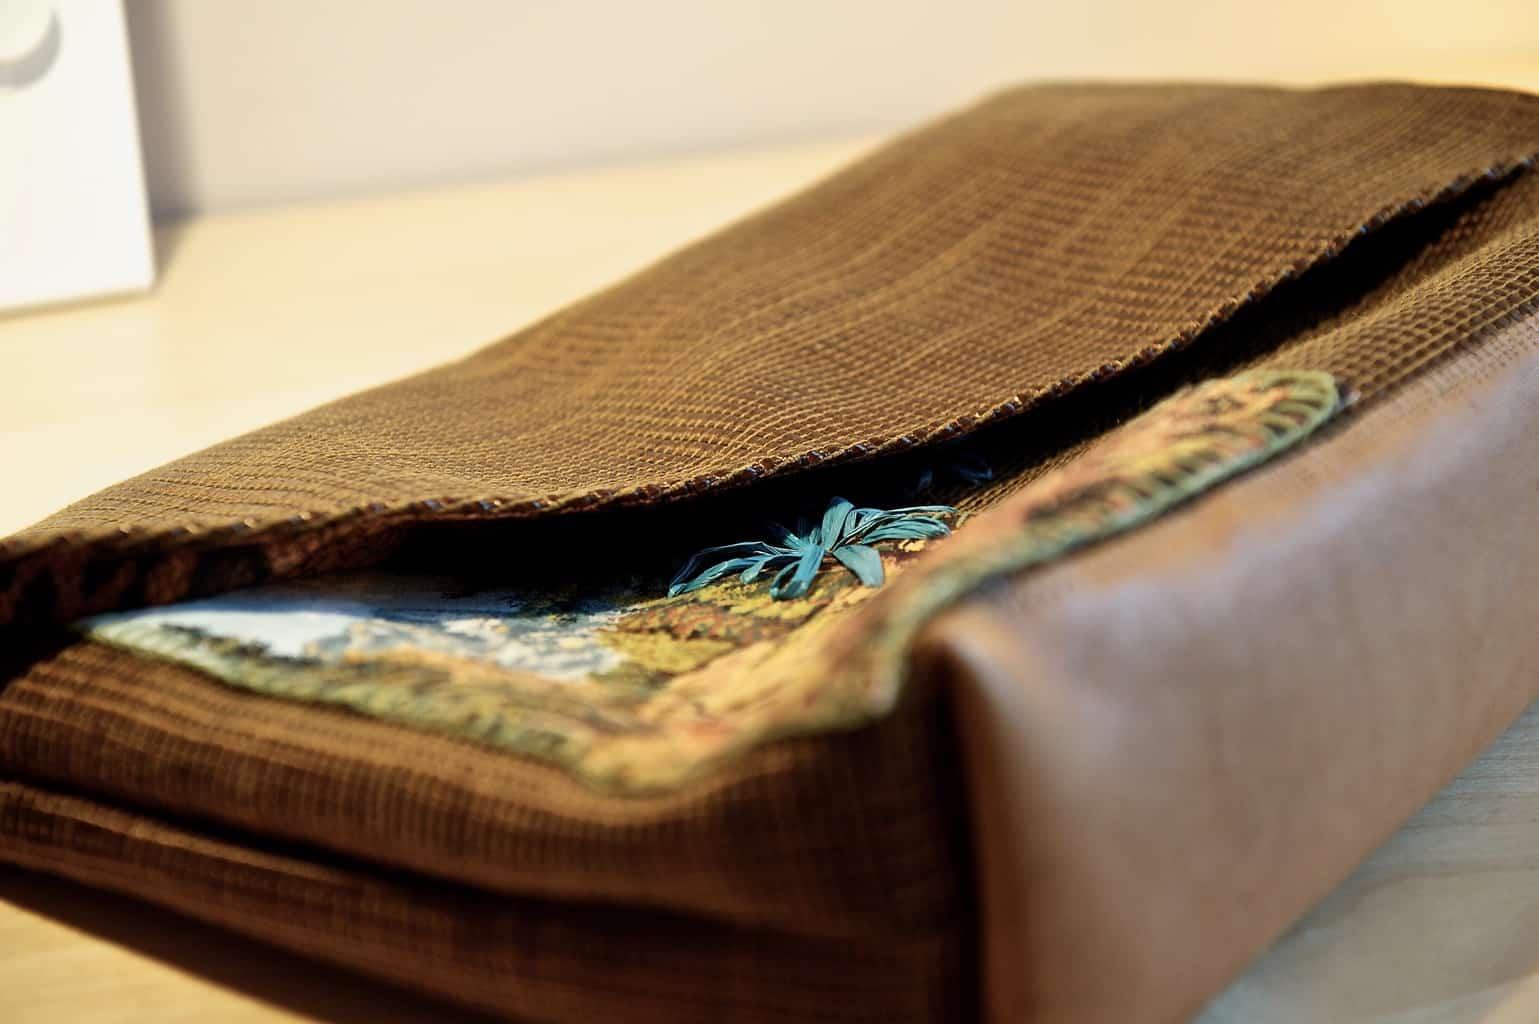 Tas met borduursel, gerecycled materiaal, Saskia ter Welle, geborduurde clutches